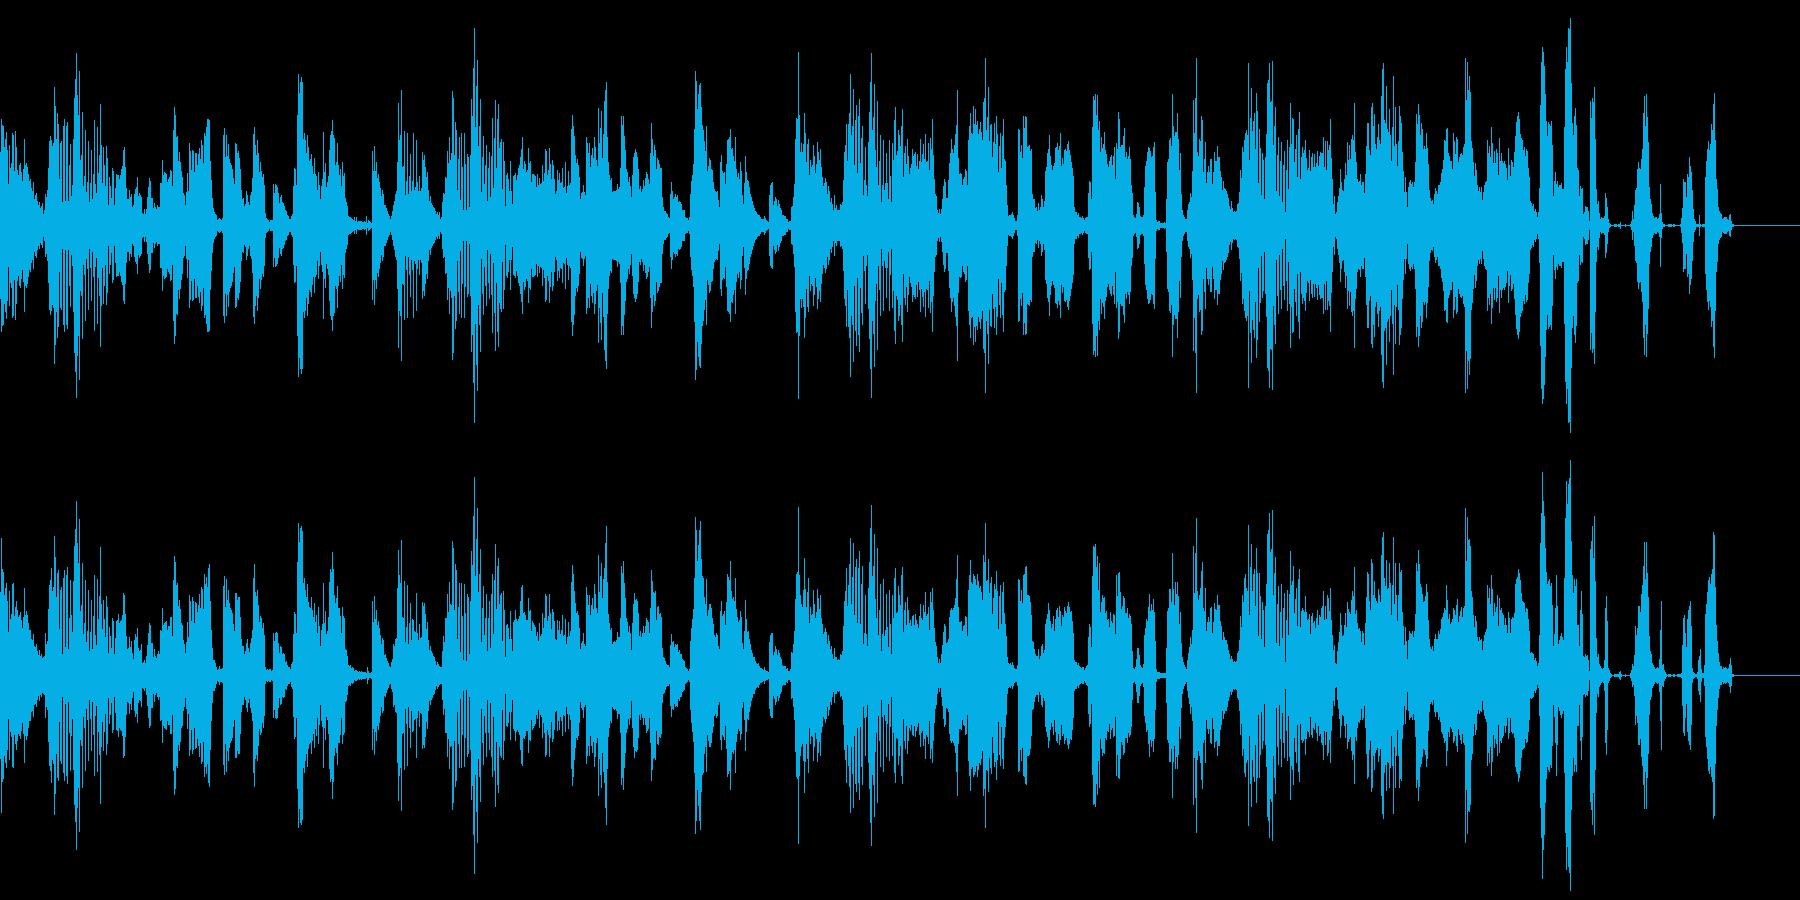 ヒップホップテイストのBGMの再生済みの波形